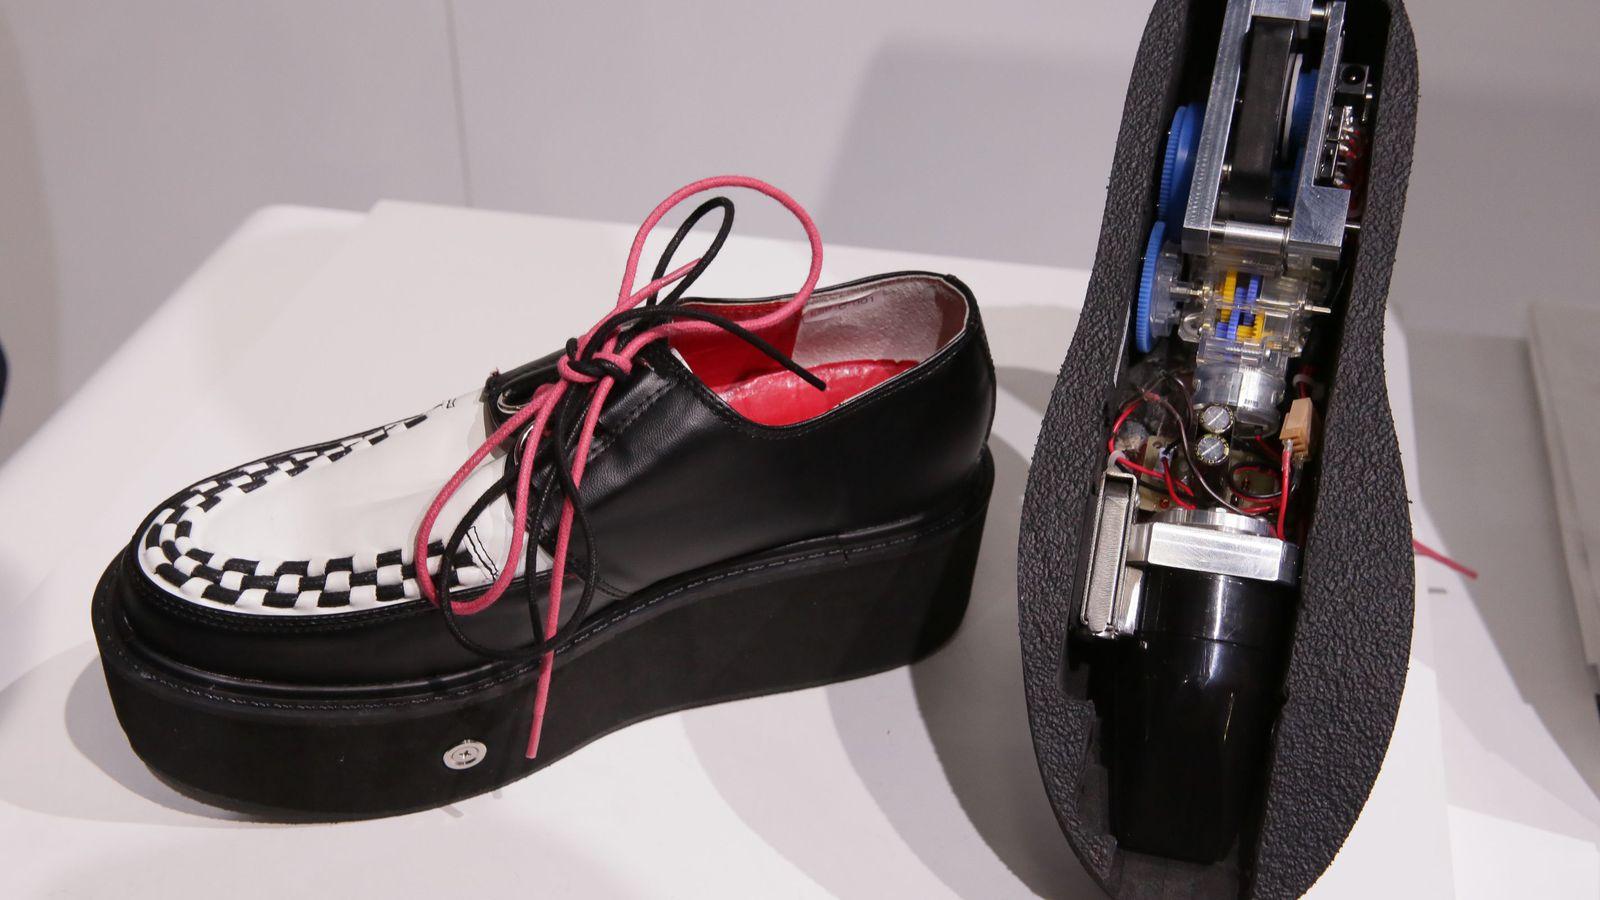 Acheter un soulier qui améliore la posture - Dopamine Entraînement Privé